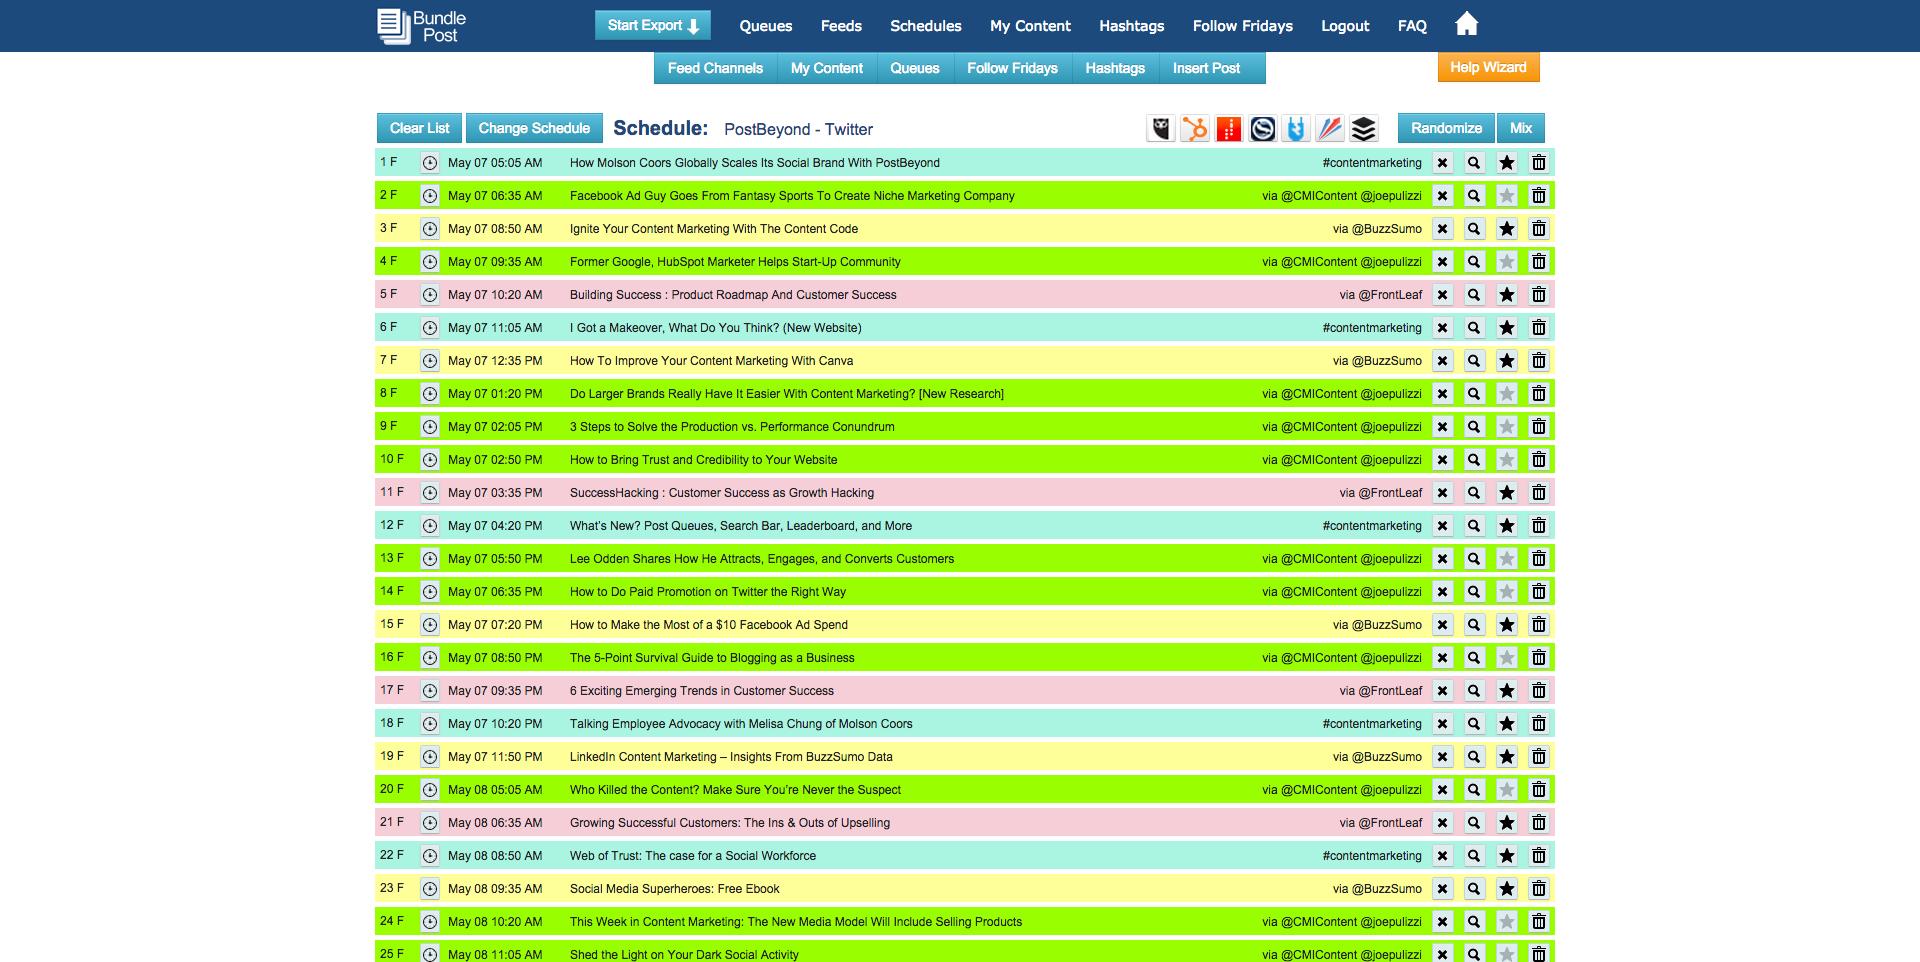 BundlePost Content Schedules